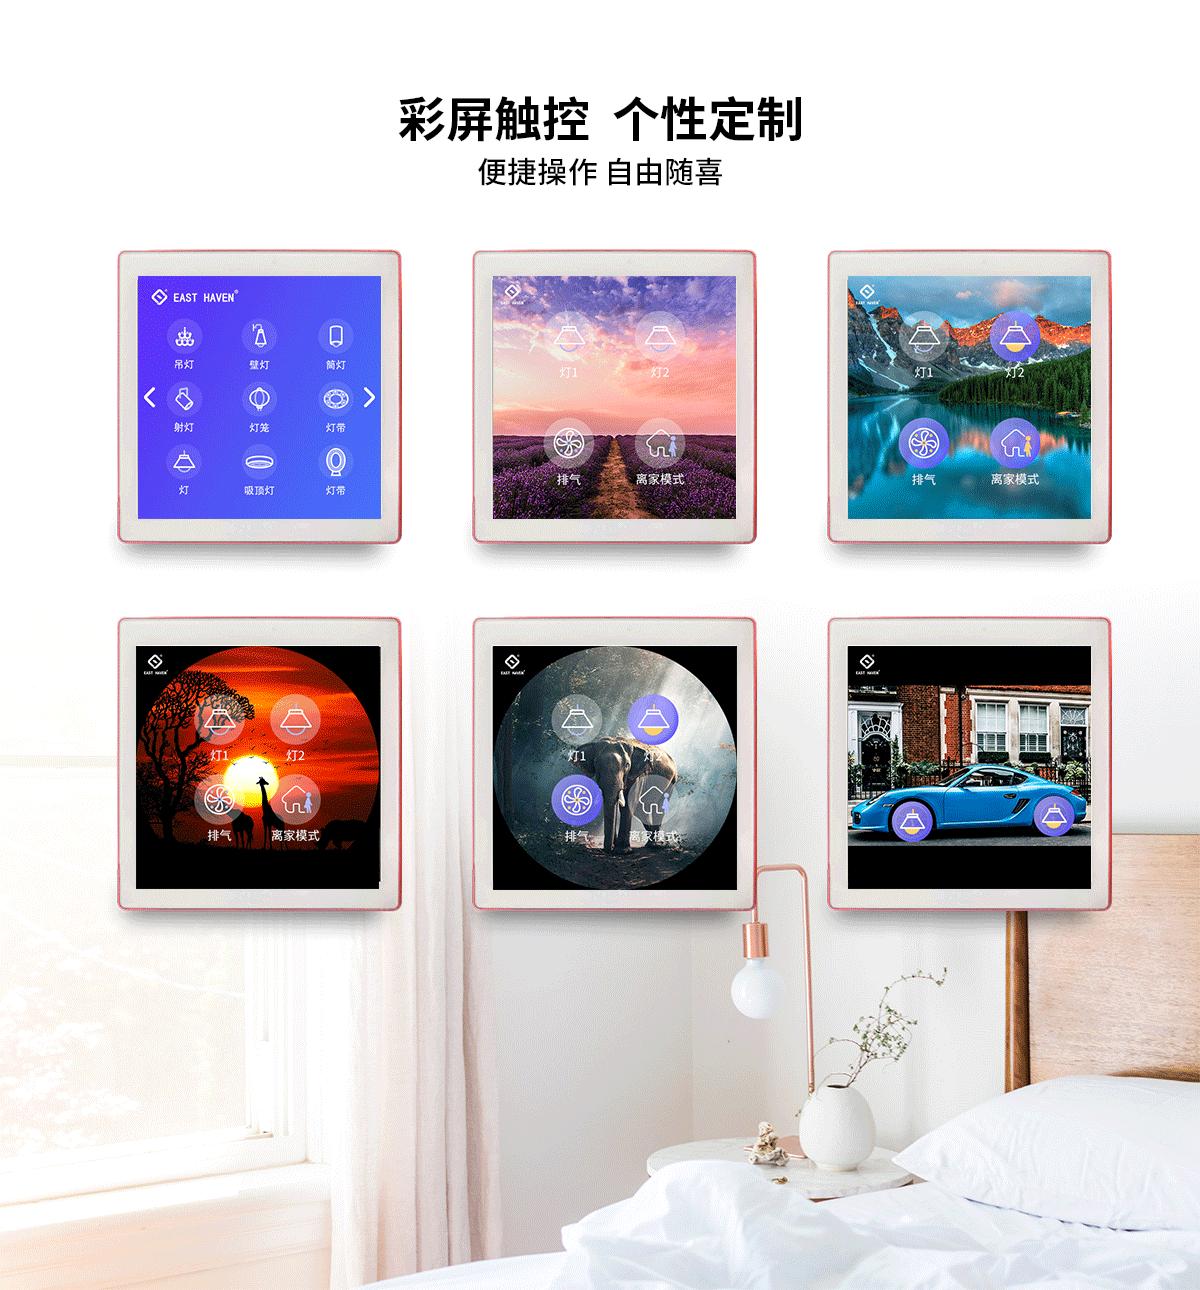 產品中心-智能面板3_06.png